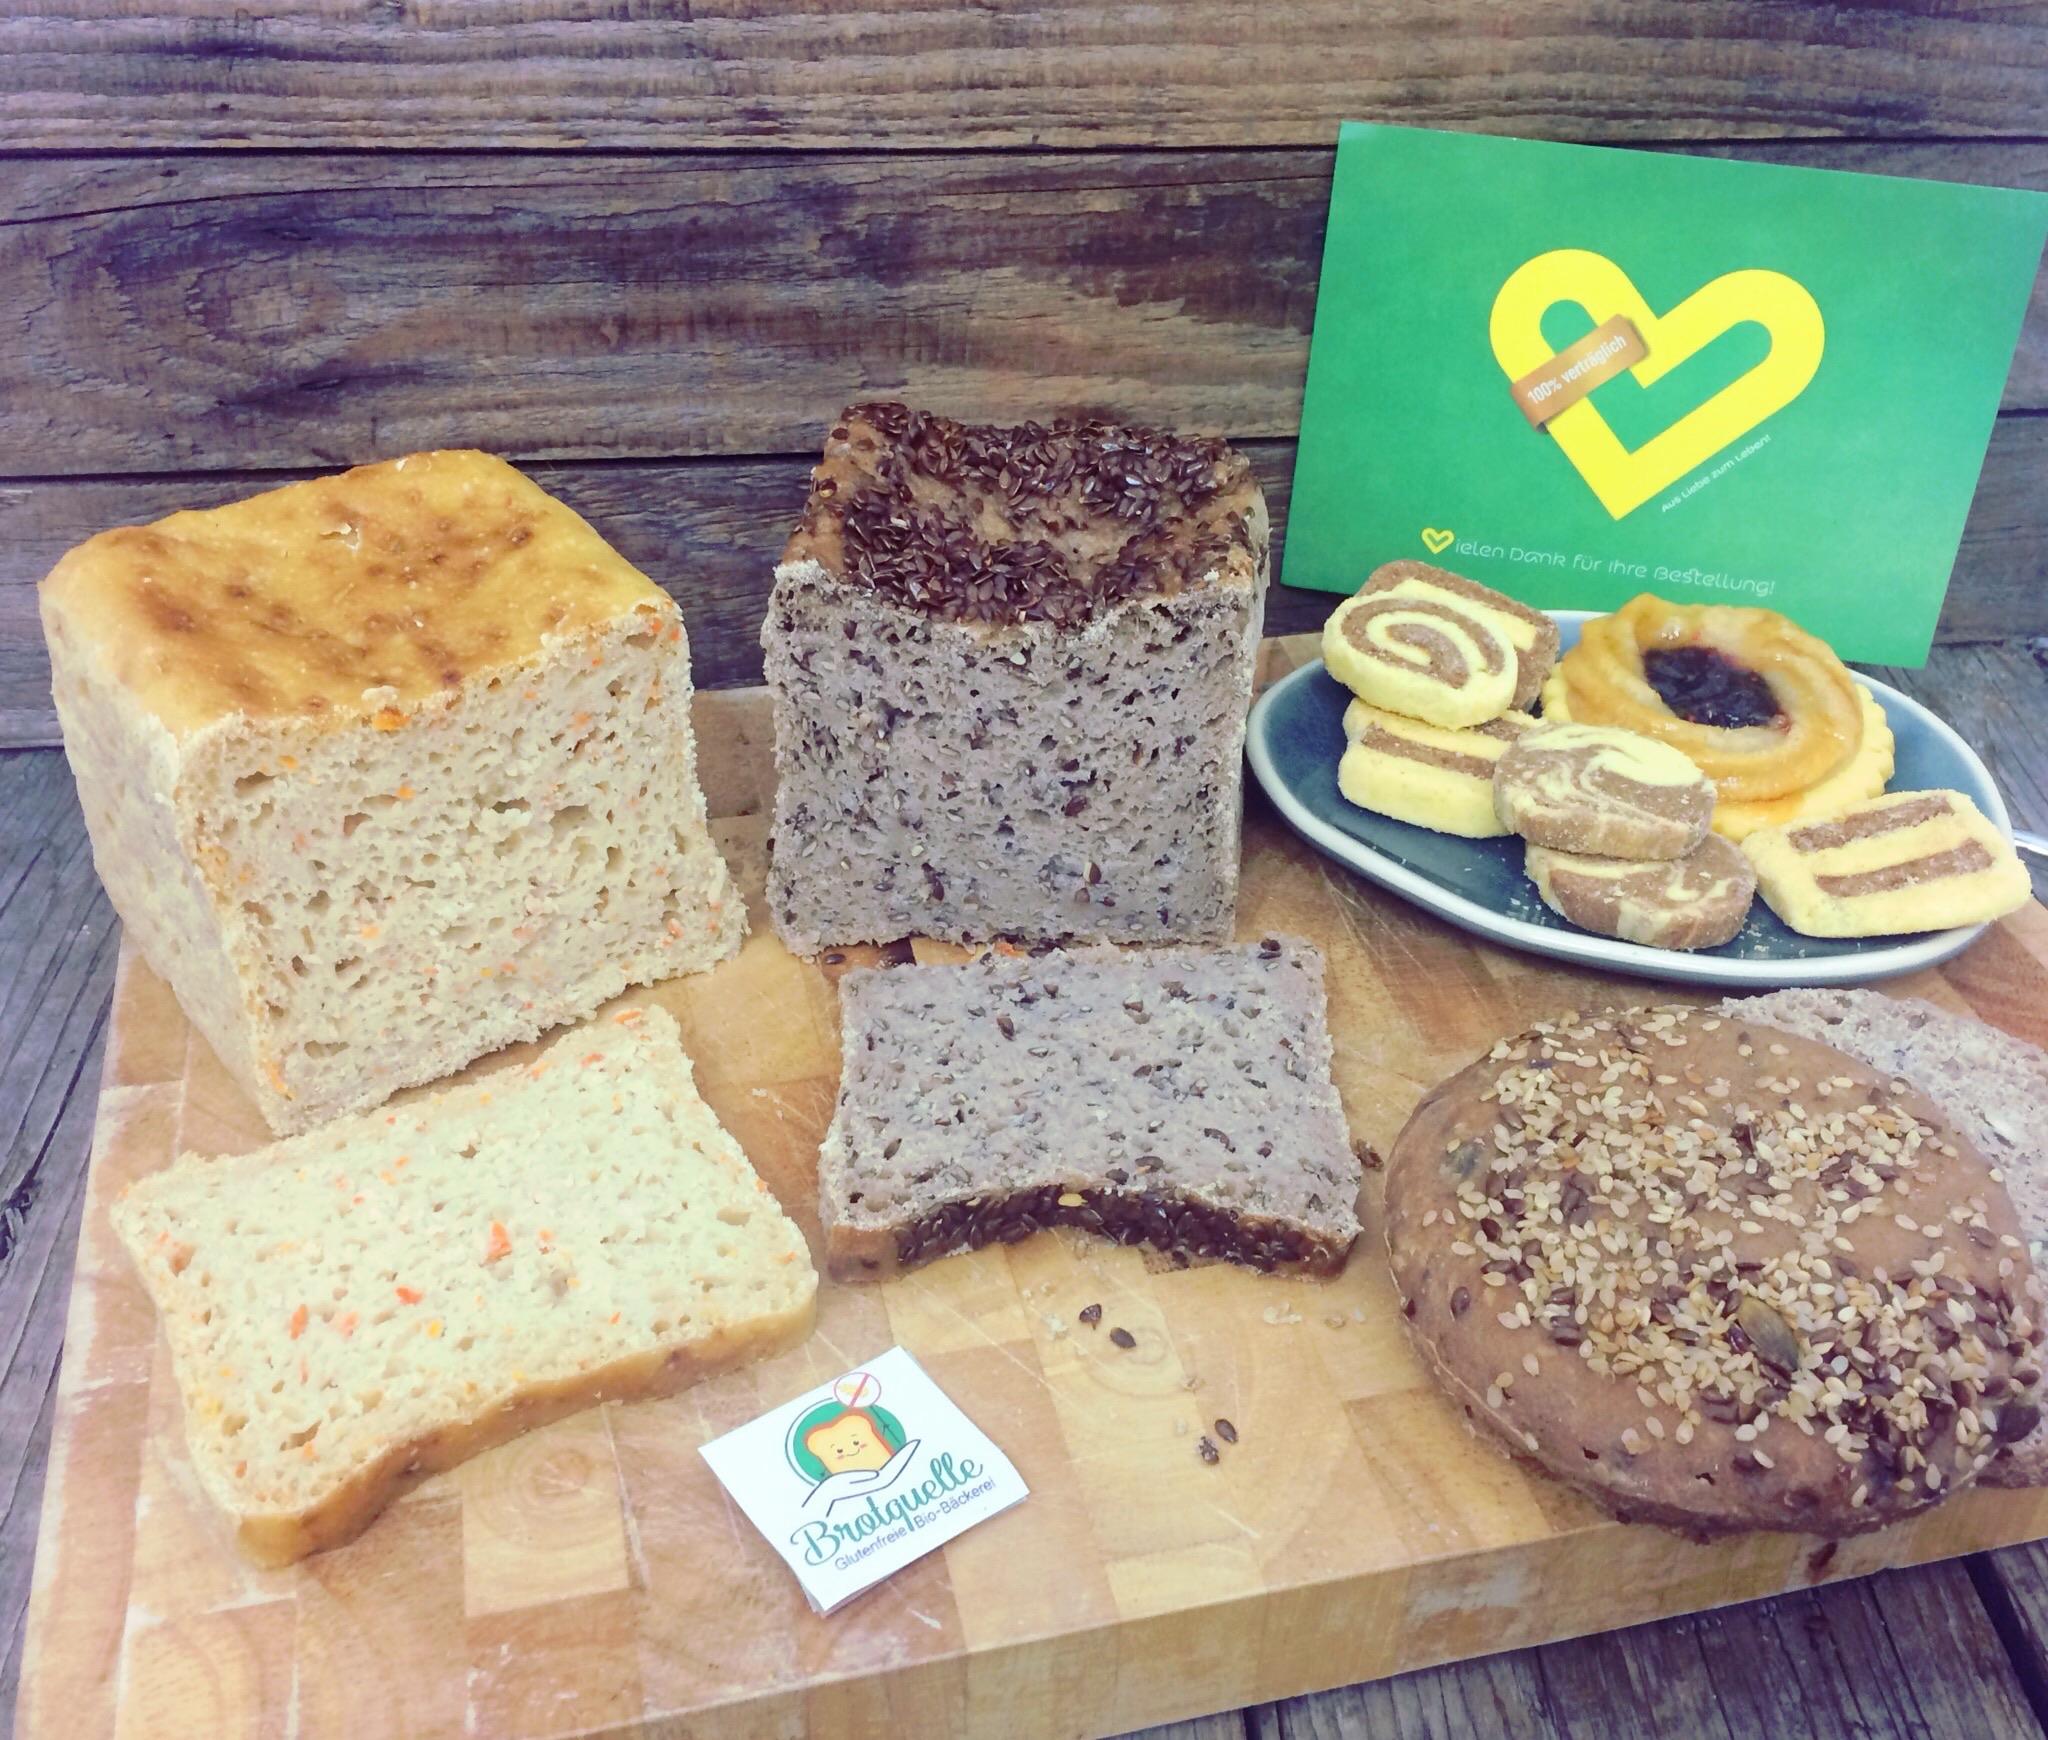 Biobäckere Brotquelle glutenfrei Shop unverträglich